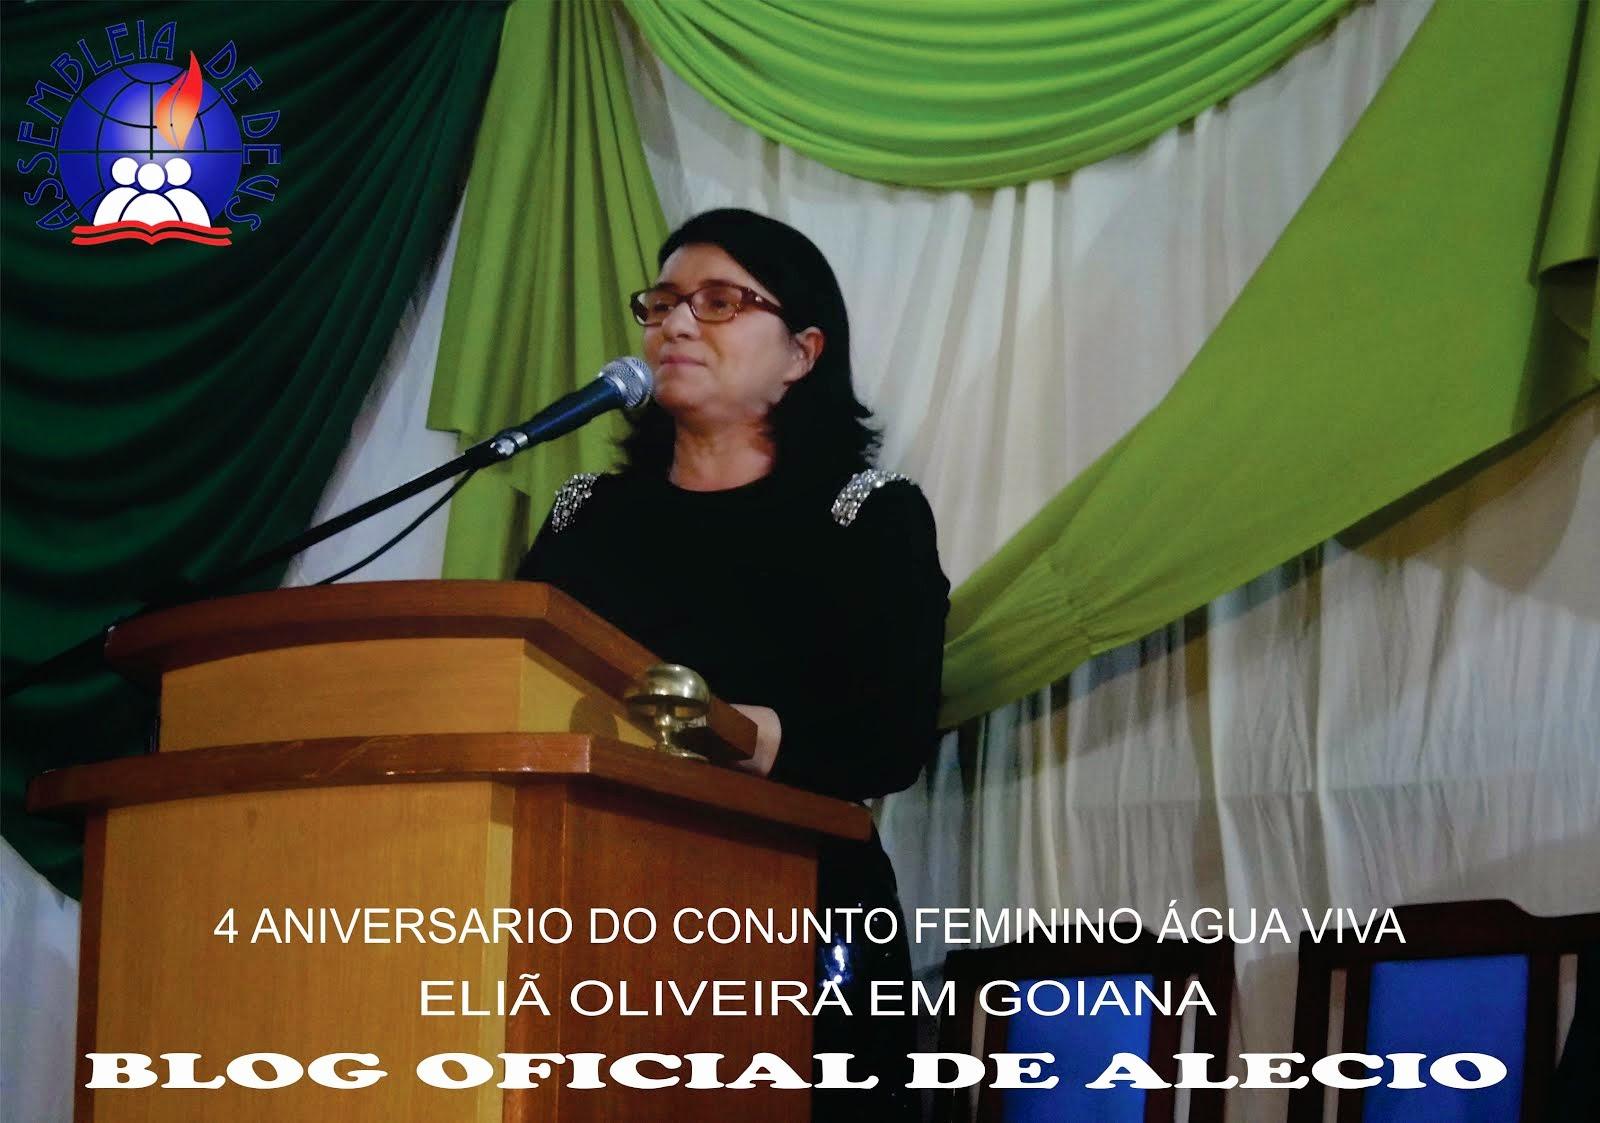 4 ANIVERSARIO DO CONJUNTO ÁGUA VIVA  COM ACANTORA ELIÃ OLIVEIRA DIA 29/ O6 / 2O14  EM GOIANA - PE